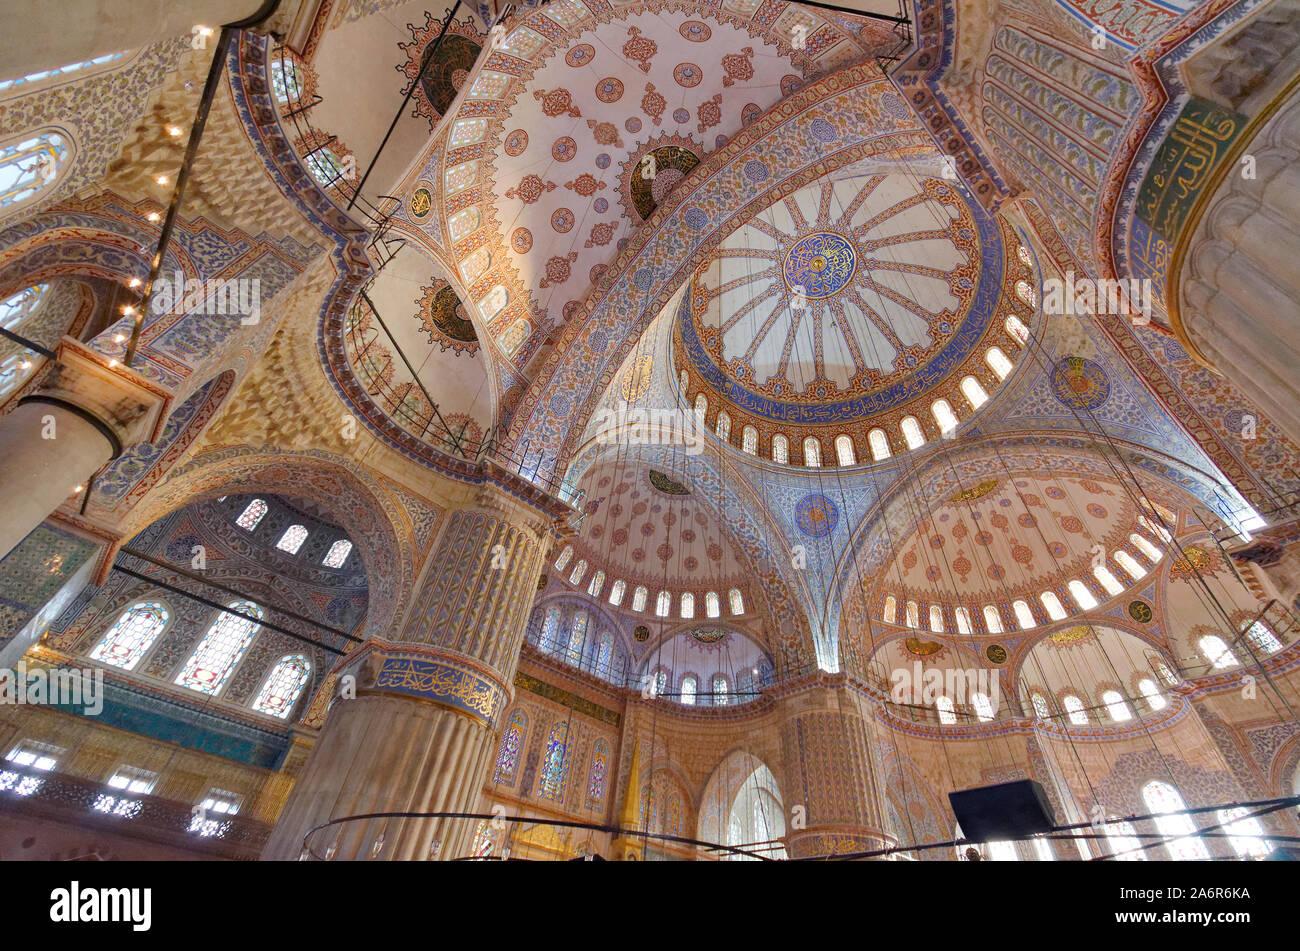 Interno della Moschea Blu, Istanbul, Turchia. Foto Stock